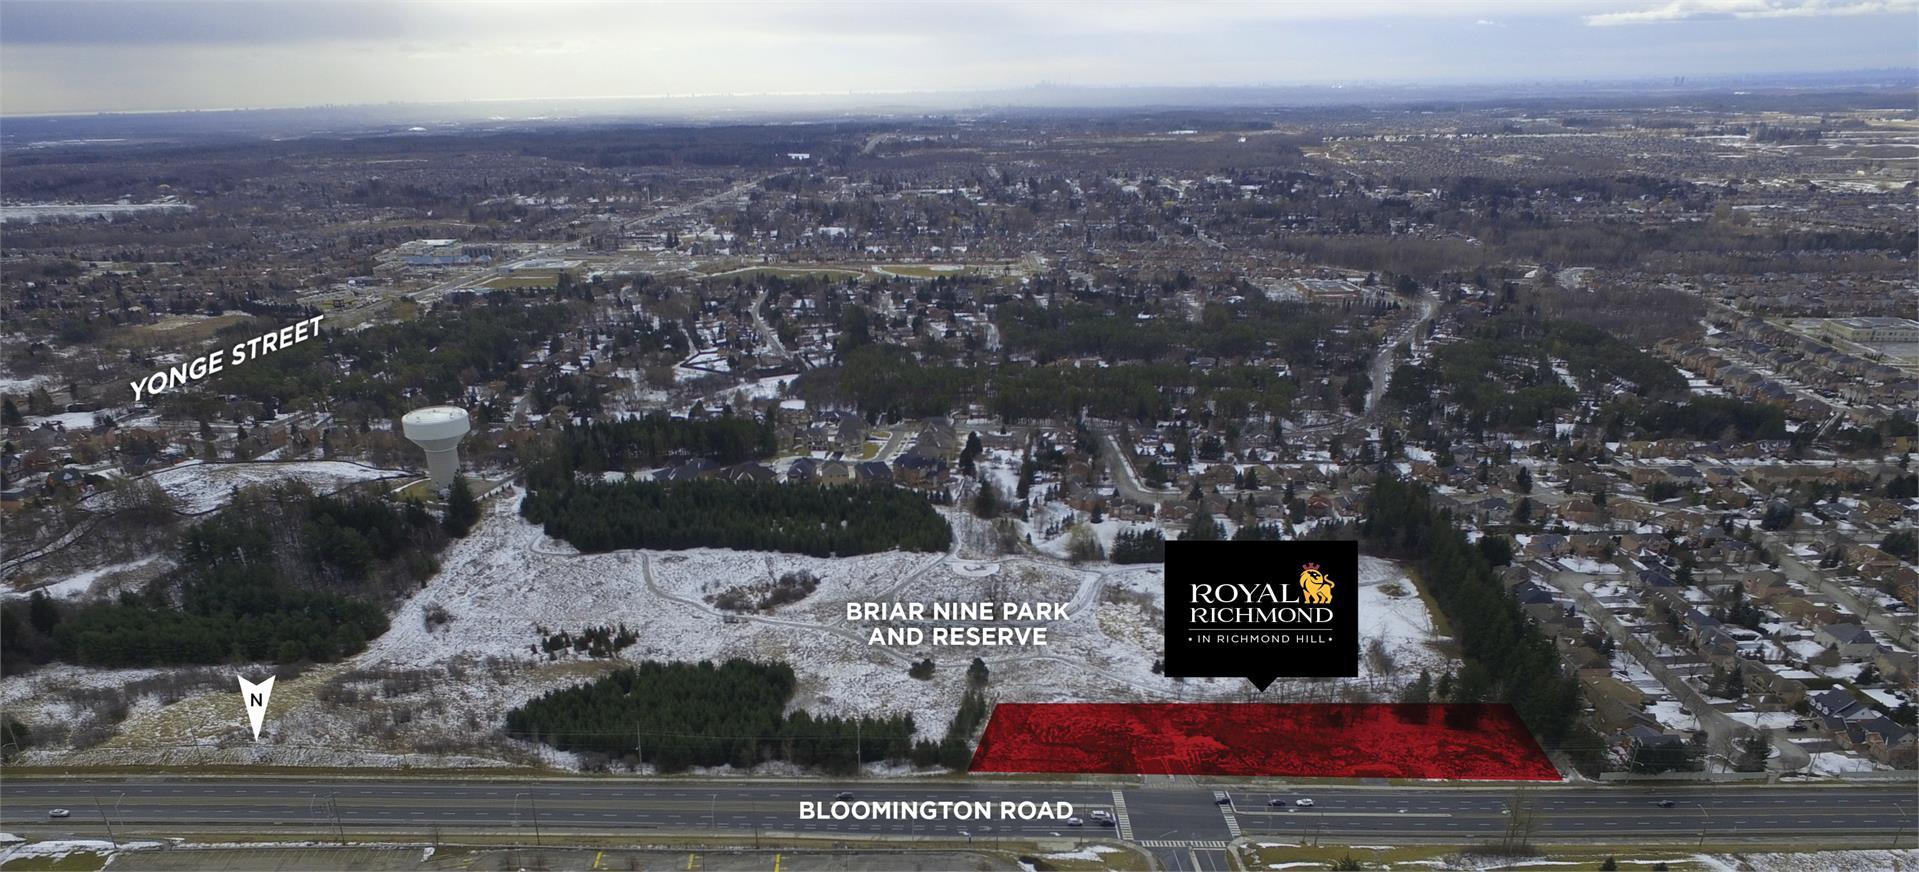 Royal Richmond